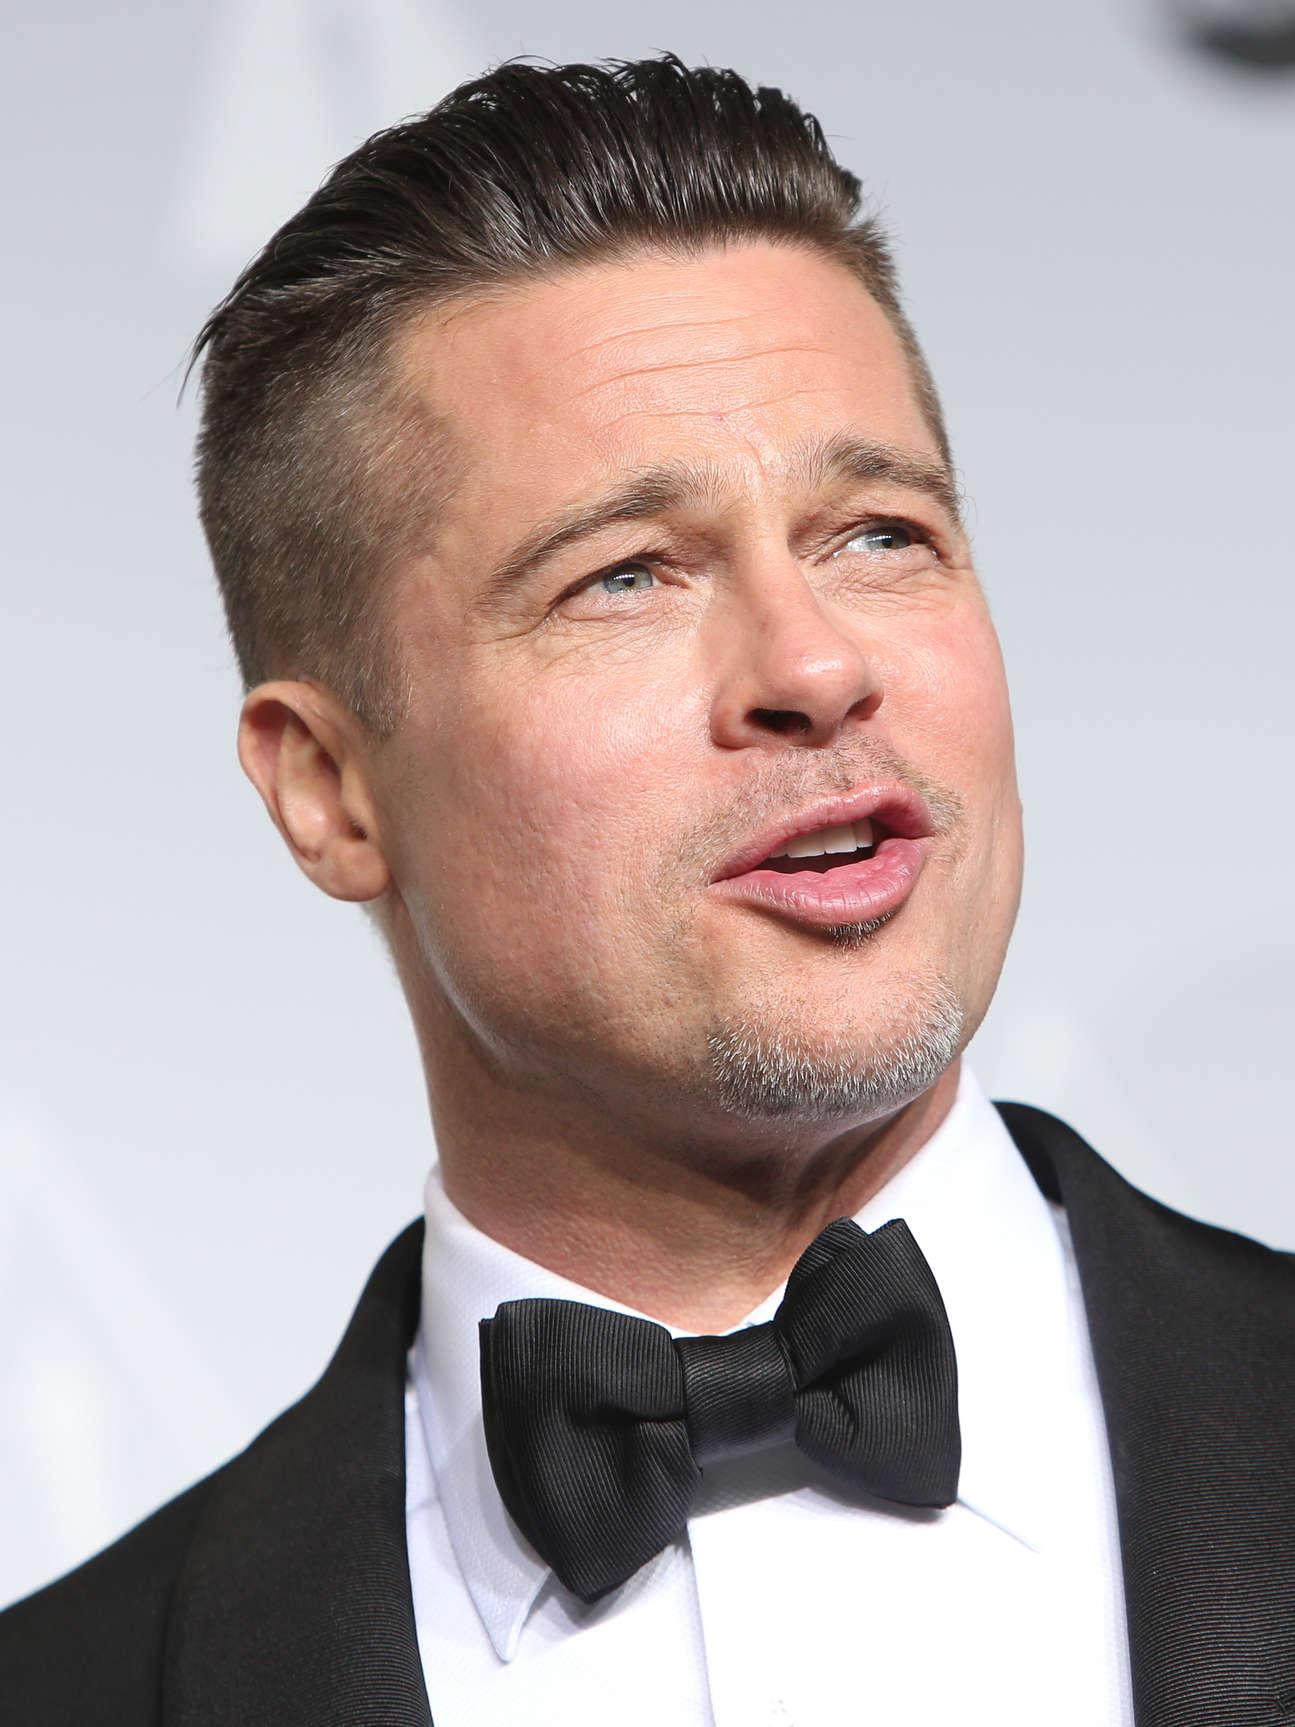 Undercutul 3-4 al lui Brad Pitt